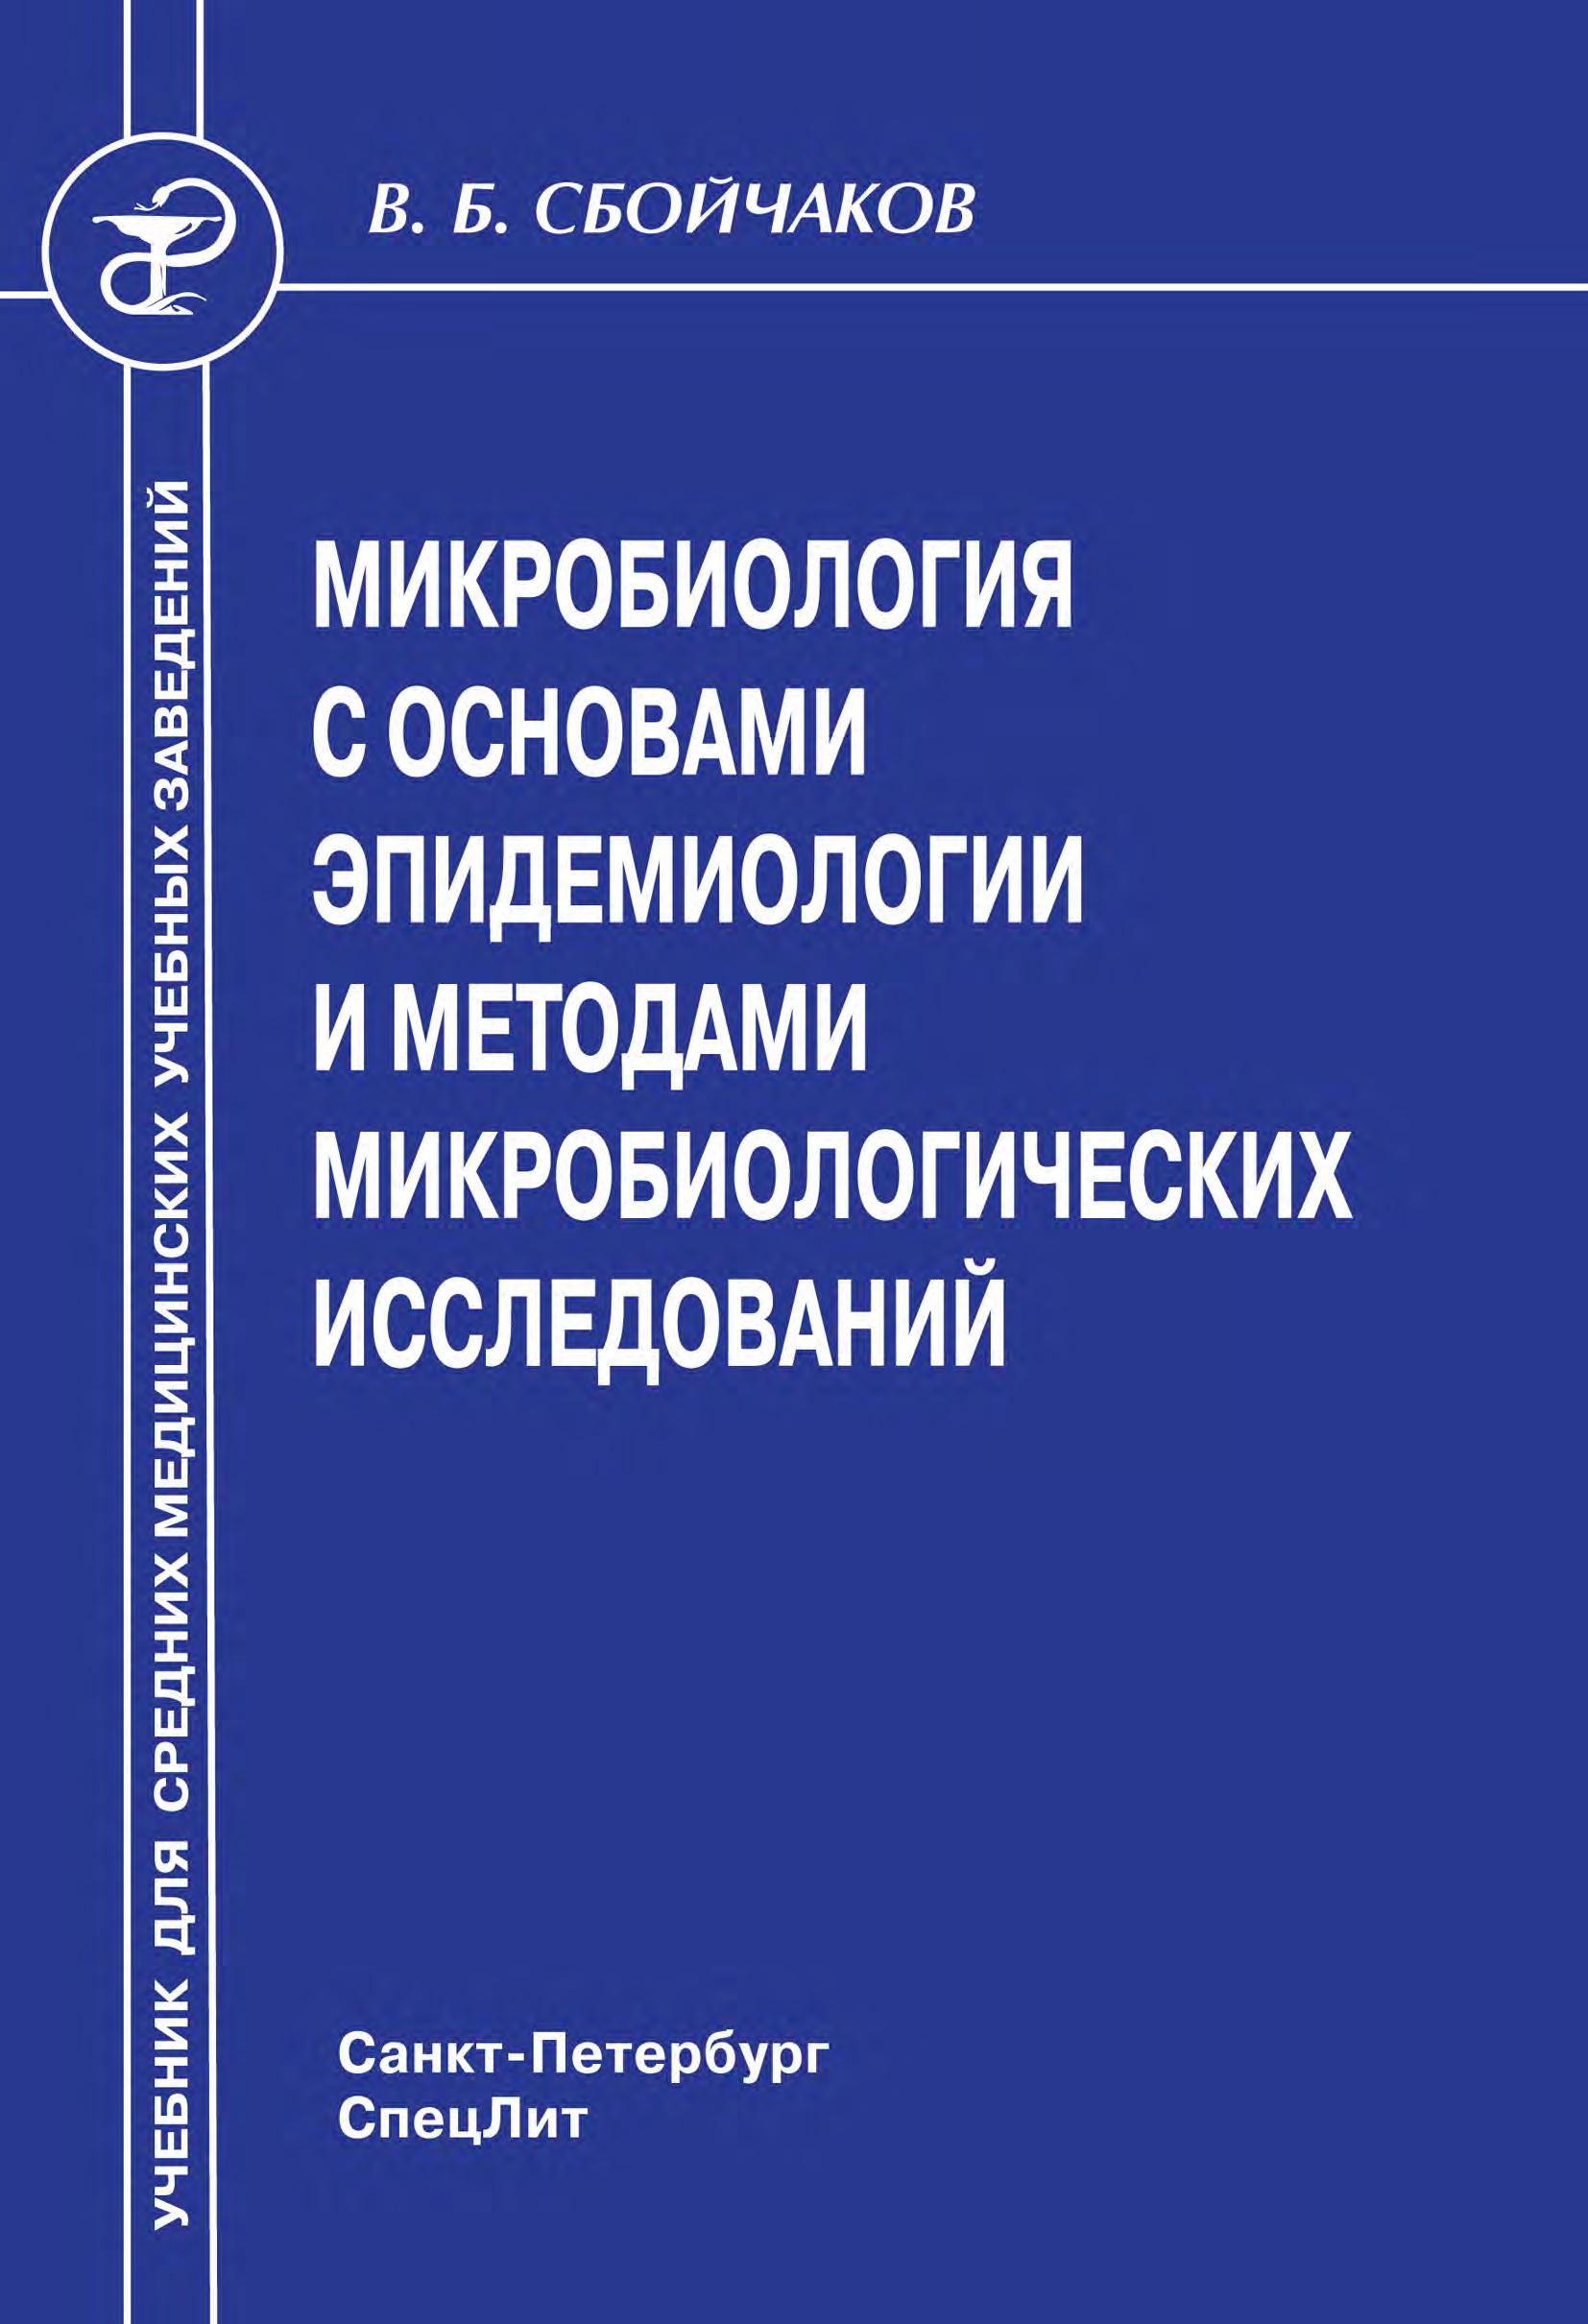 Виктор Сбойчаков Микробиология с основами эпидемиологии и методами микробиологических исследований сбойчаков в микробиология основы эпидемиологии и методы микробиологических исследований учебник isbn 9785299007459